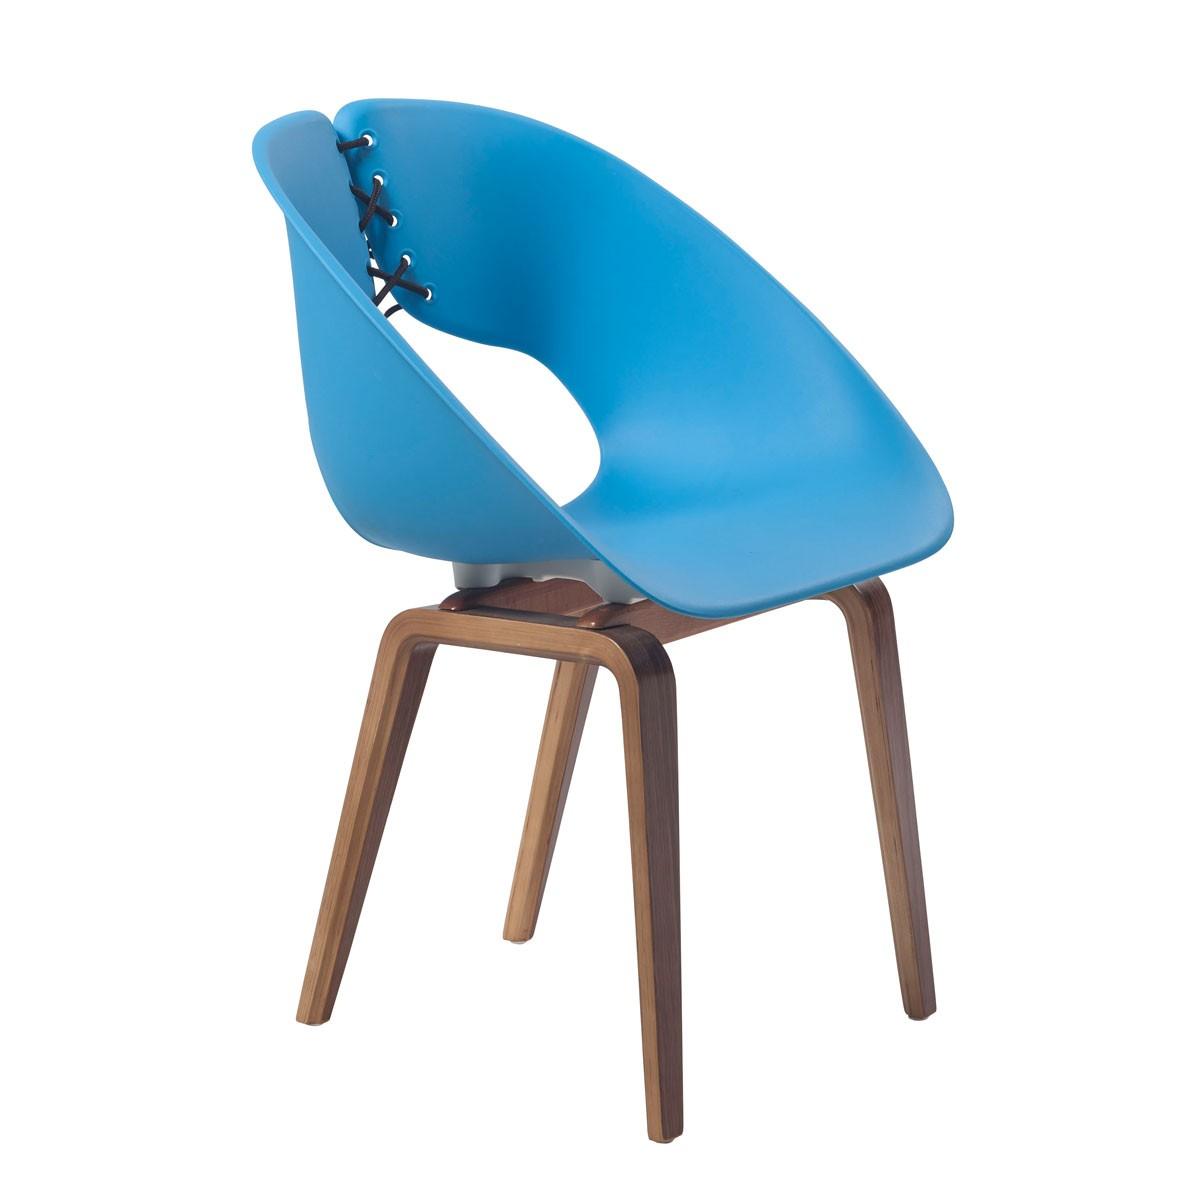 Chaise Plastique en Bleu avec 4 Pieds Bois - (YMG-9303B)